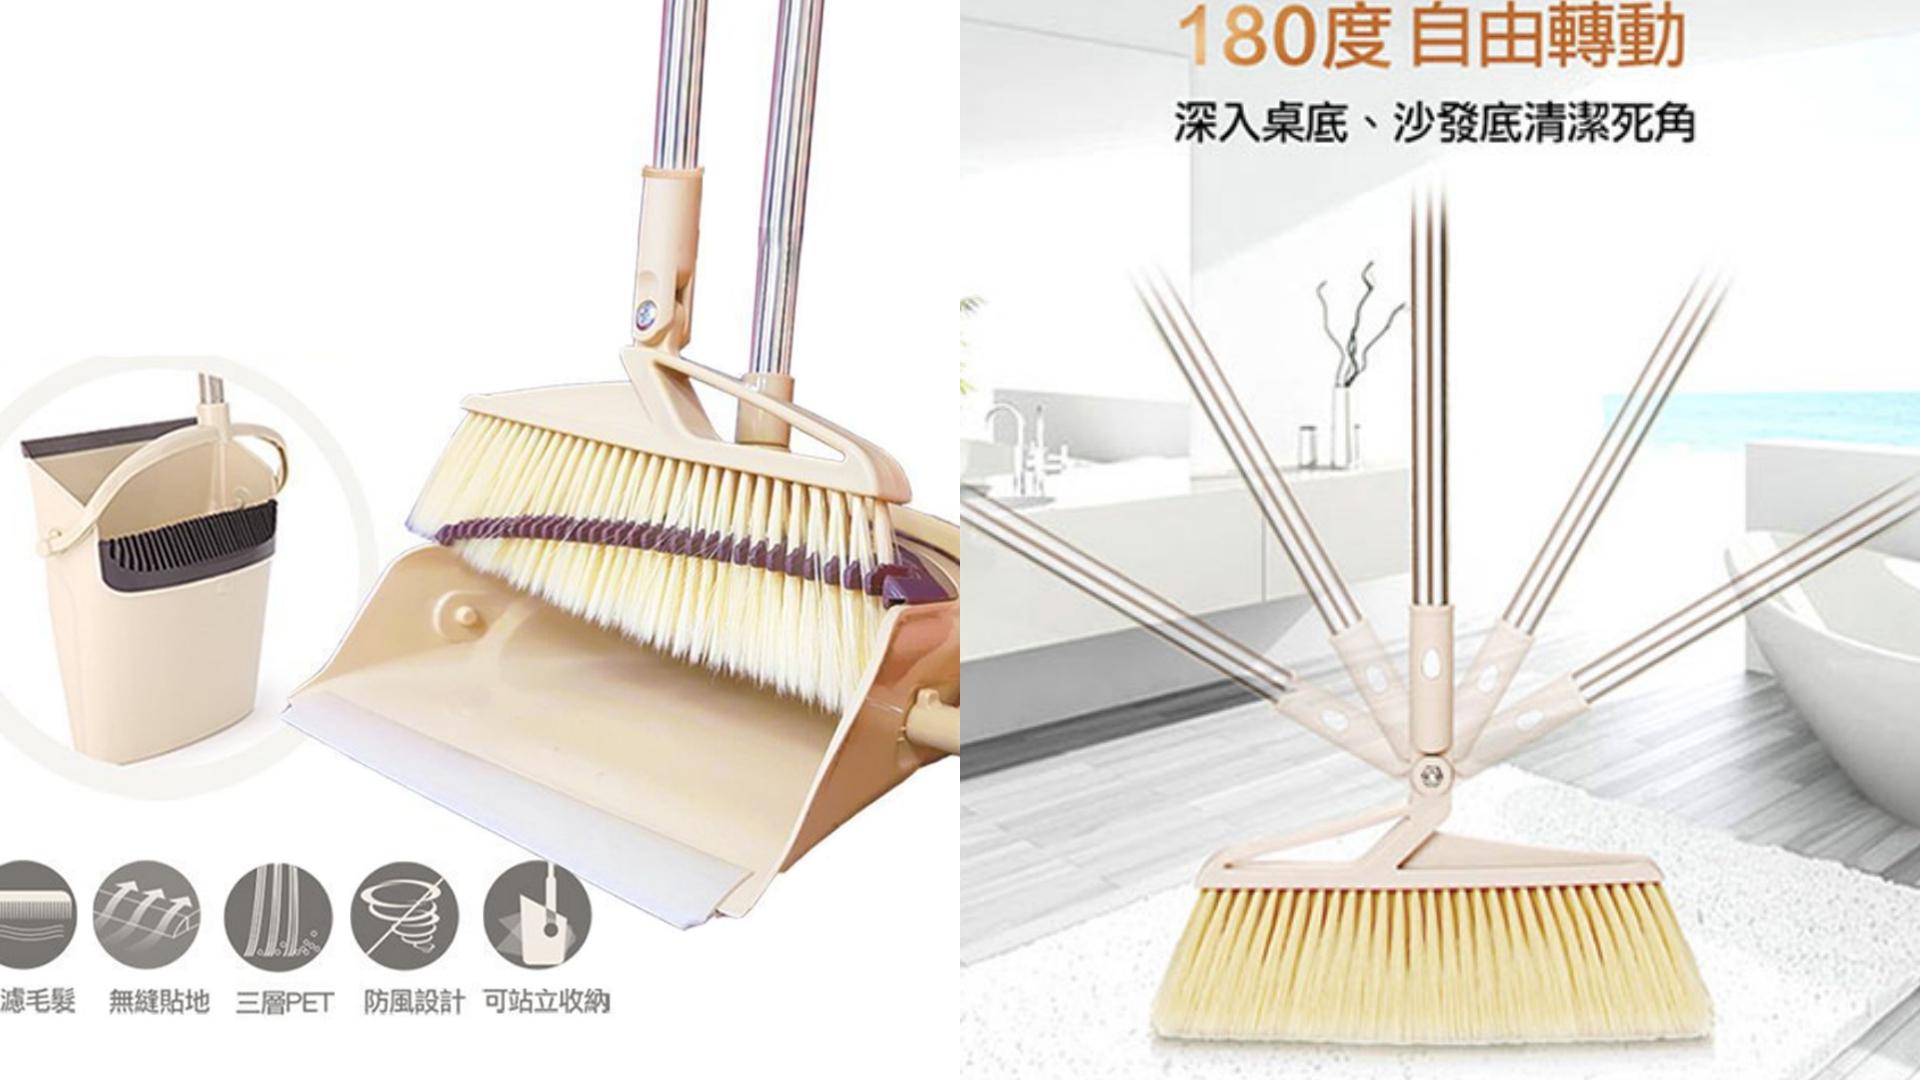 在畚斗有鋸齒設計,能夠順便清除灰塵,而且掃把頭可以180度翻轉,方便清掃縫隙